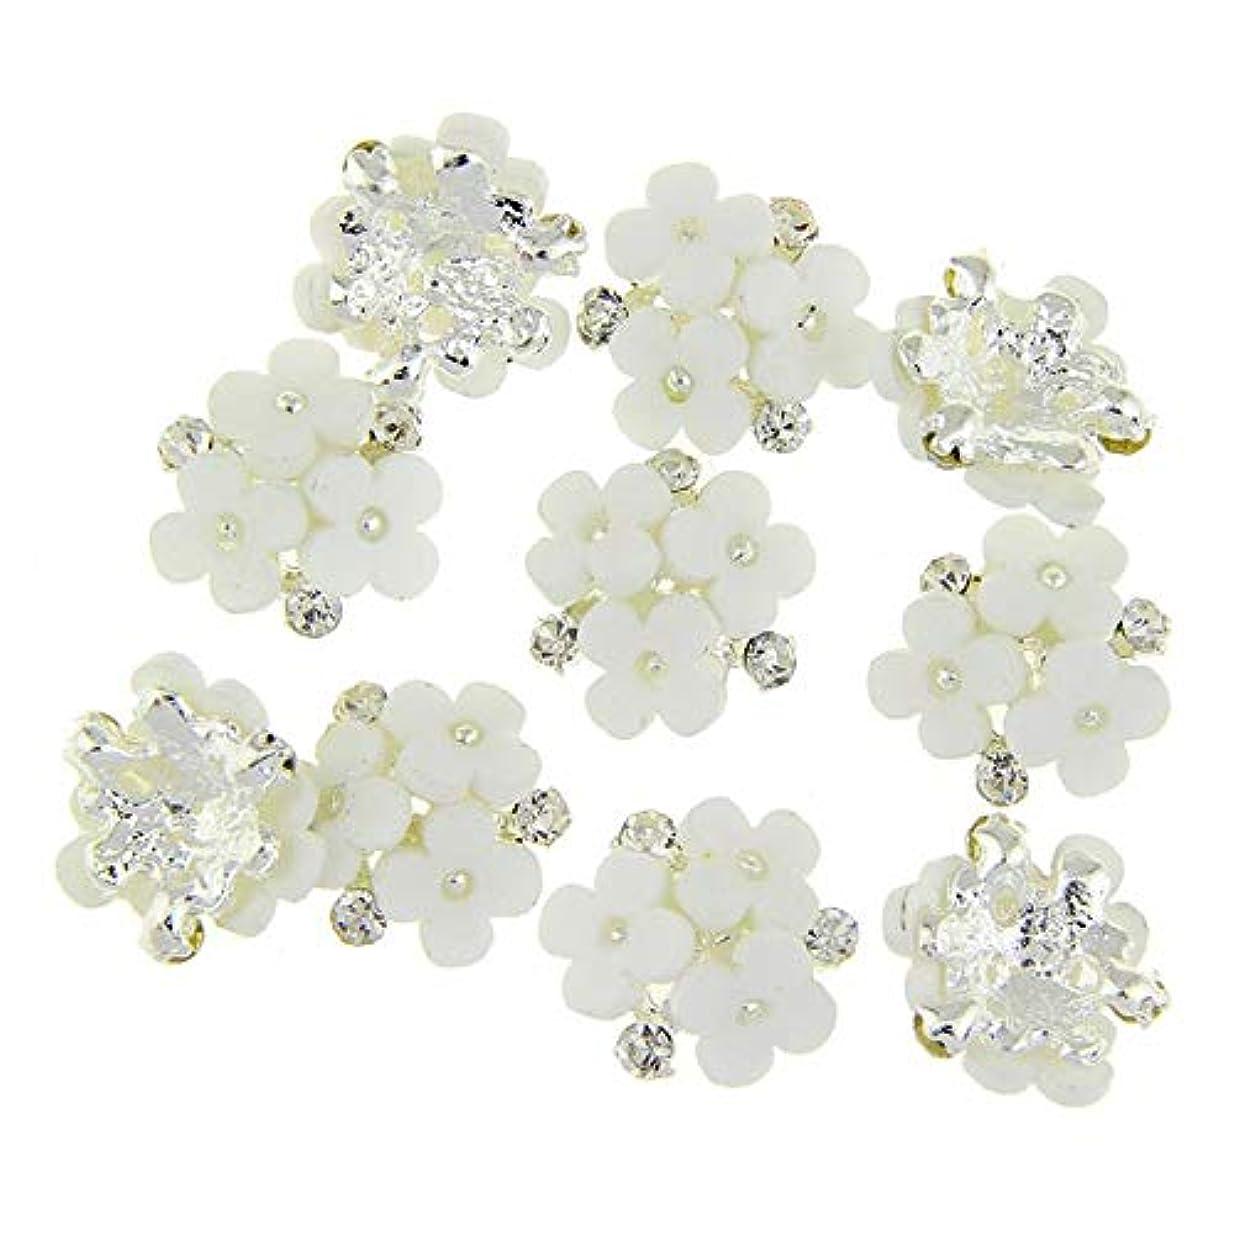 アクション配置弓ネイルズ3D花銀合金チャーム用10個/ロット三花柄ラインストーンは、アートの装飾ネイル